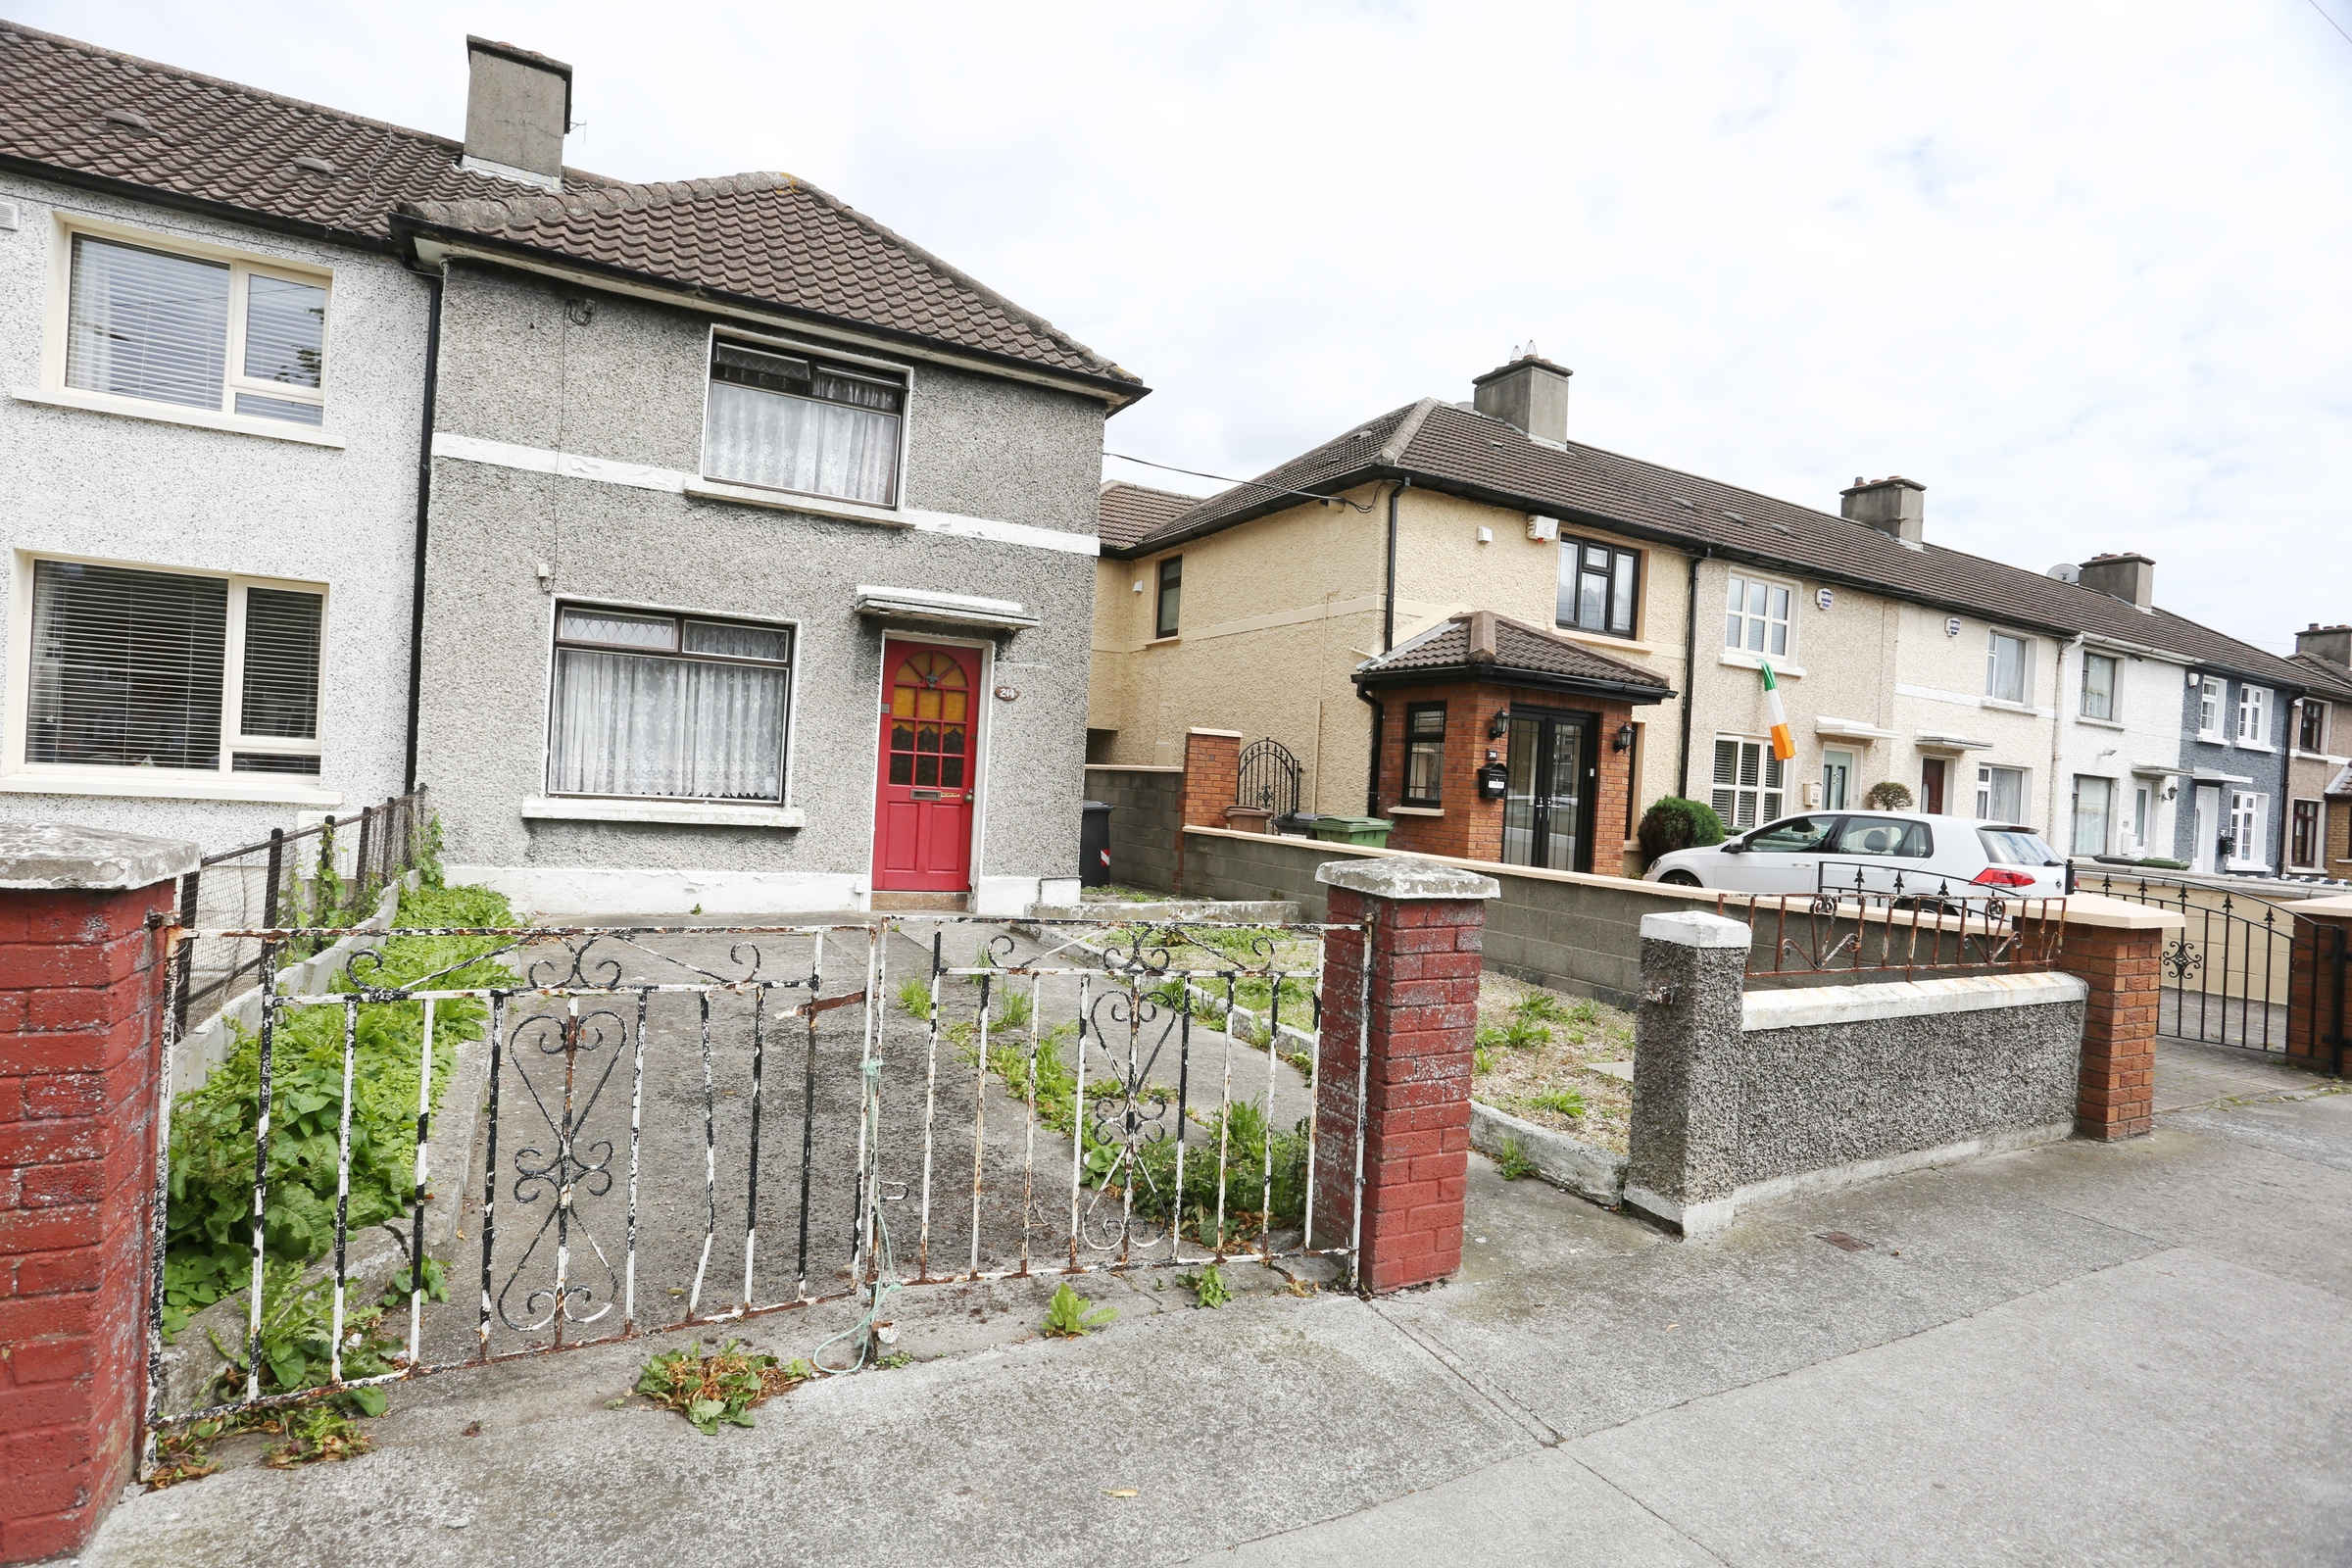 214 Kylemore Road, Ballyfermot, Dublin 10